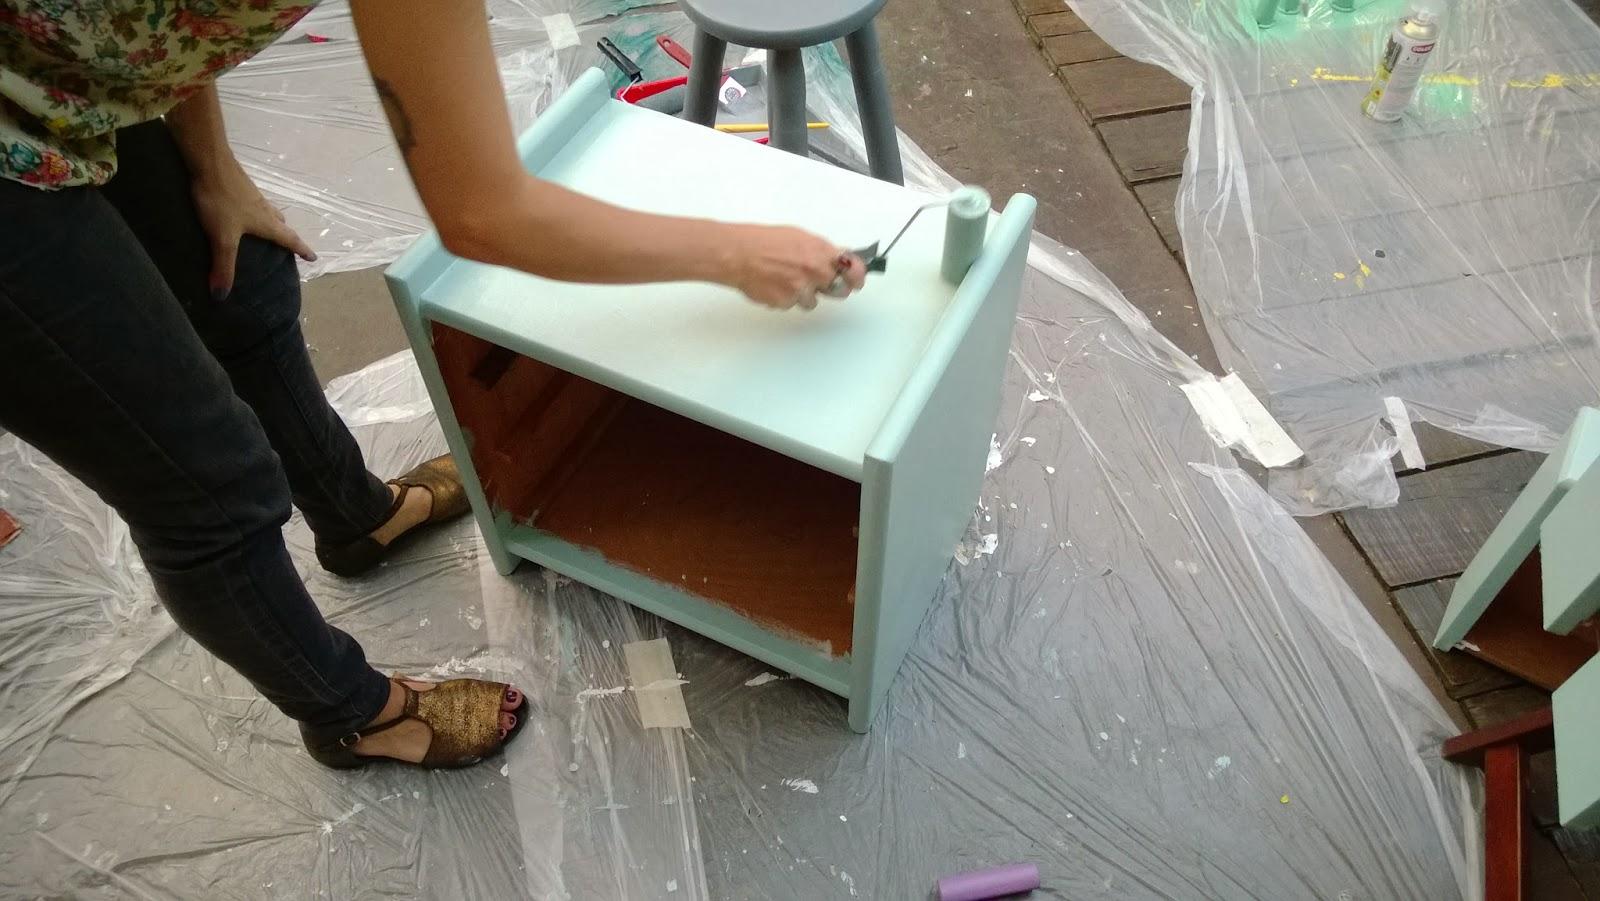 pinte o móvel - oficina Mão na Massa - blog Casa de Colorir